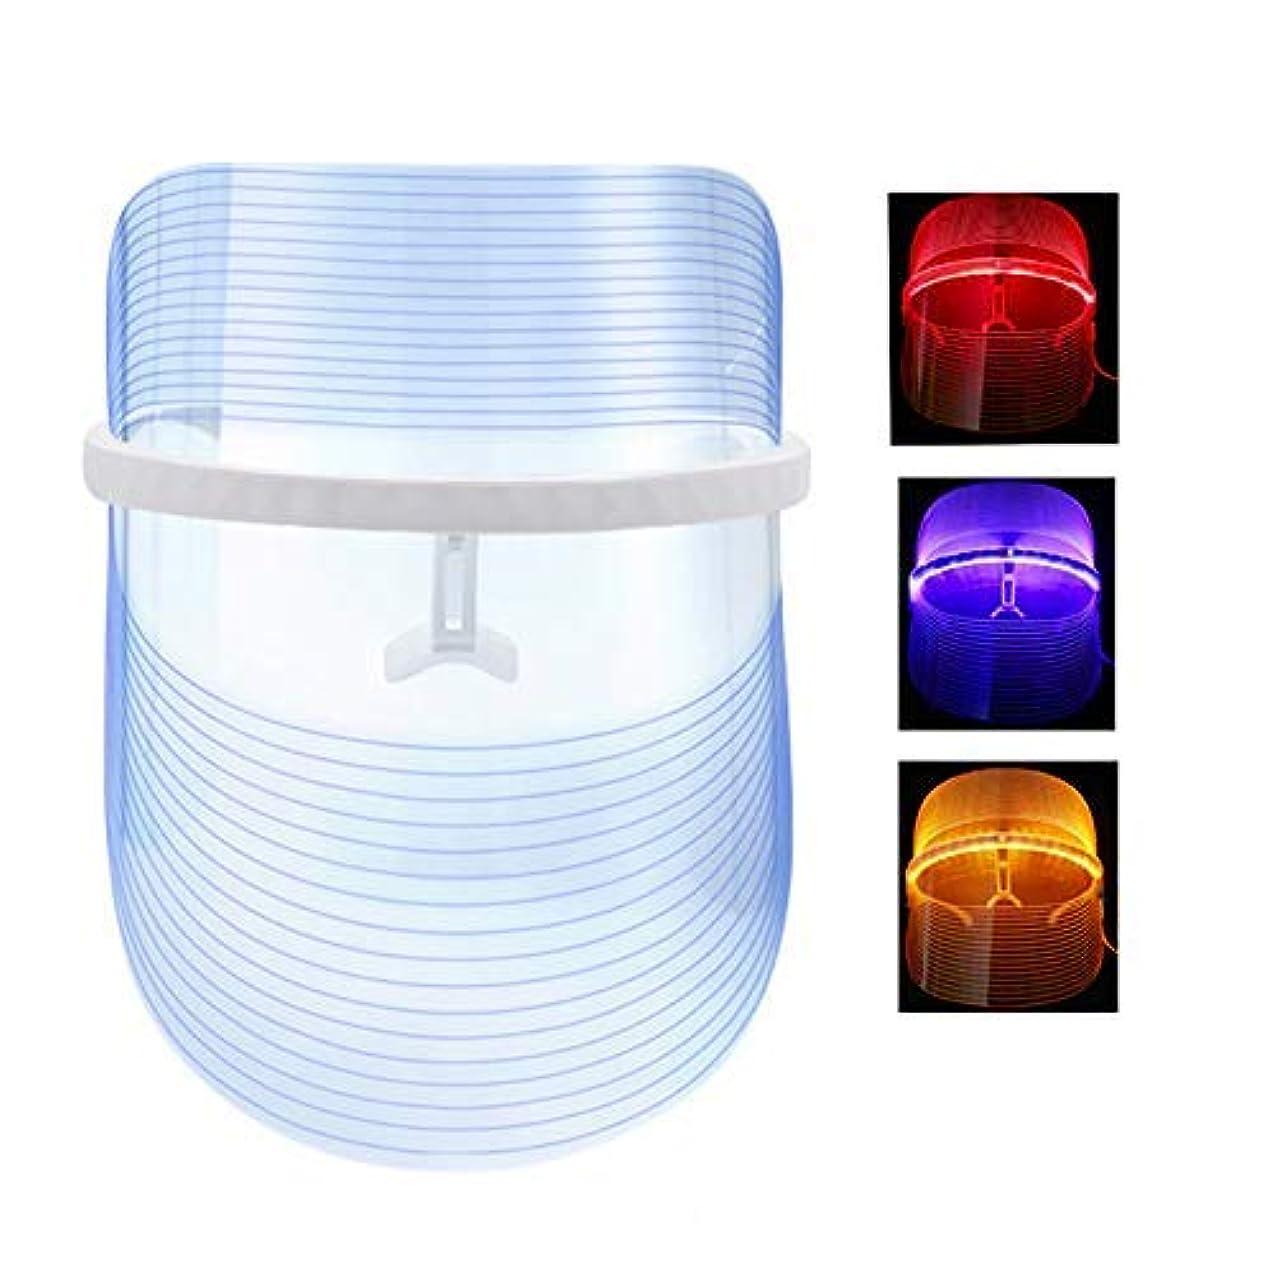 れる印刷する軸光療法フォトンマスクにきび治療フェイススキンケアの無制限セッション-個別に赤/青/オレンジのライト